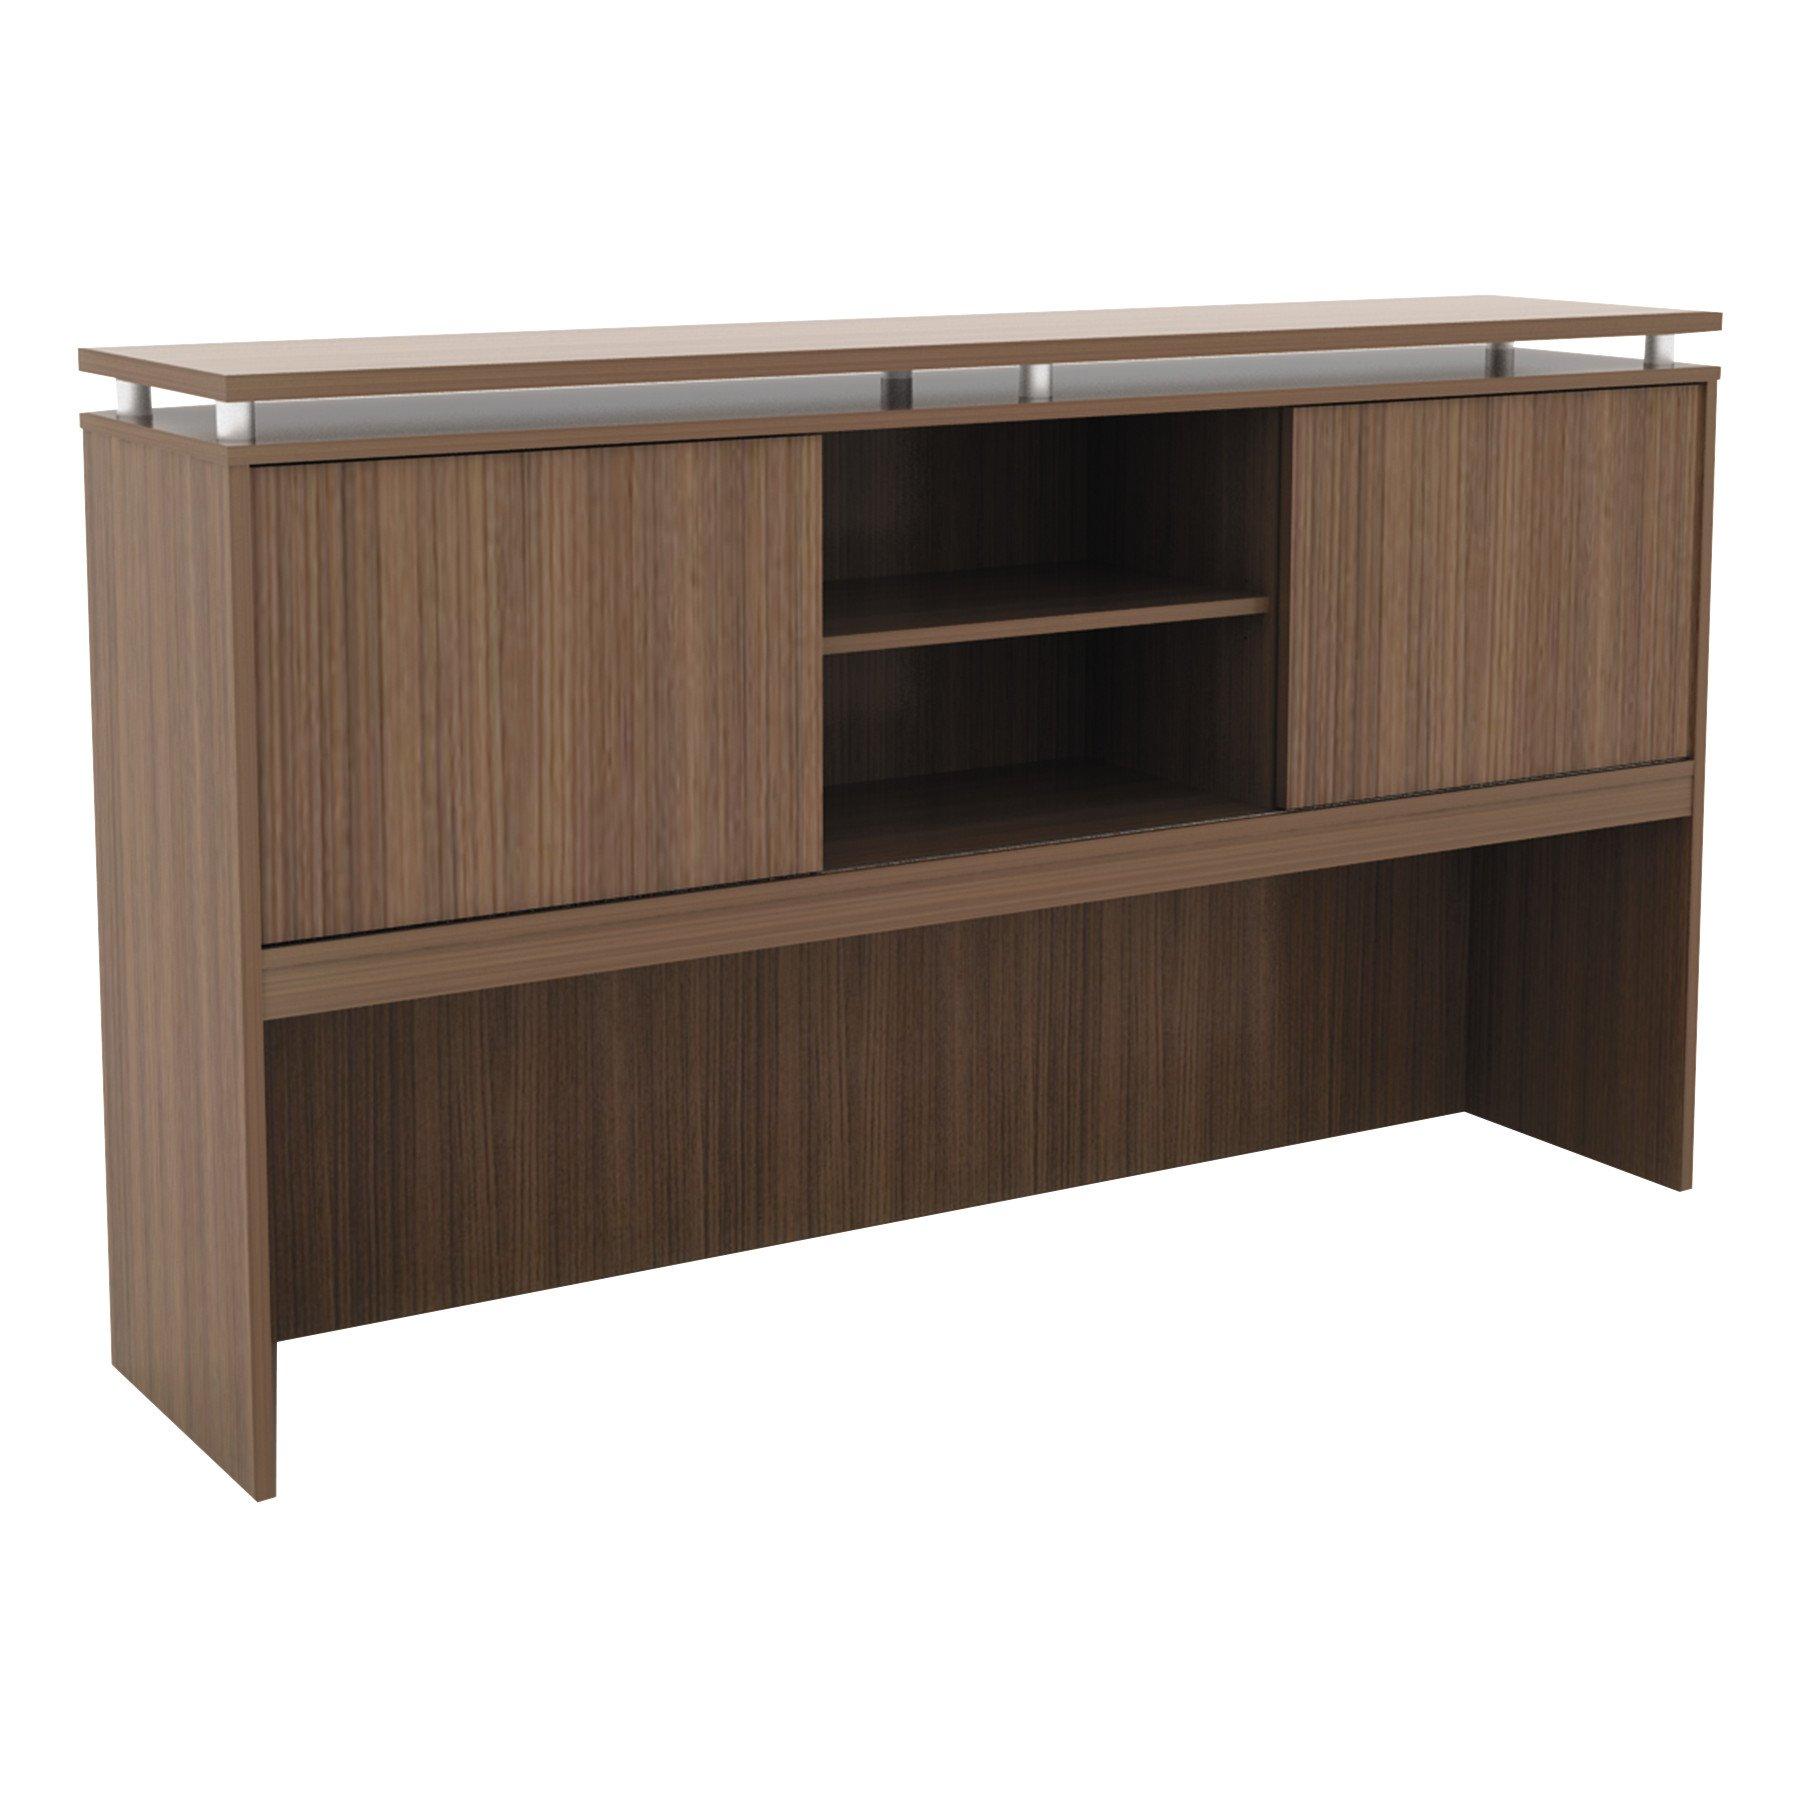 Alera ALESE266615WA Sedina Series Hutch with Sliding Doors, 66w x 15d x 42 1/2h, Modern Walnut